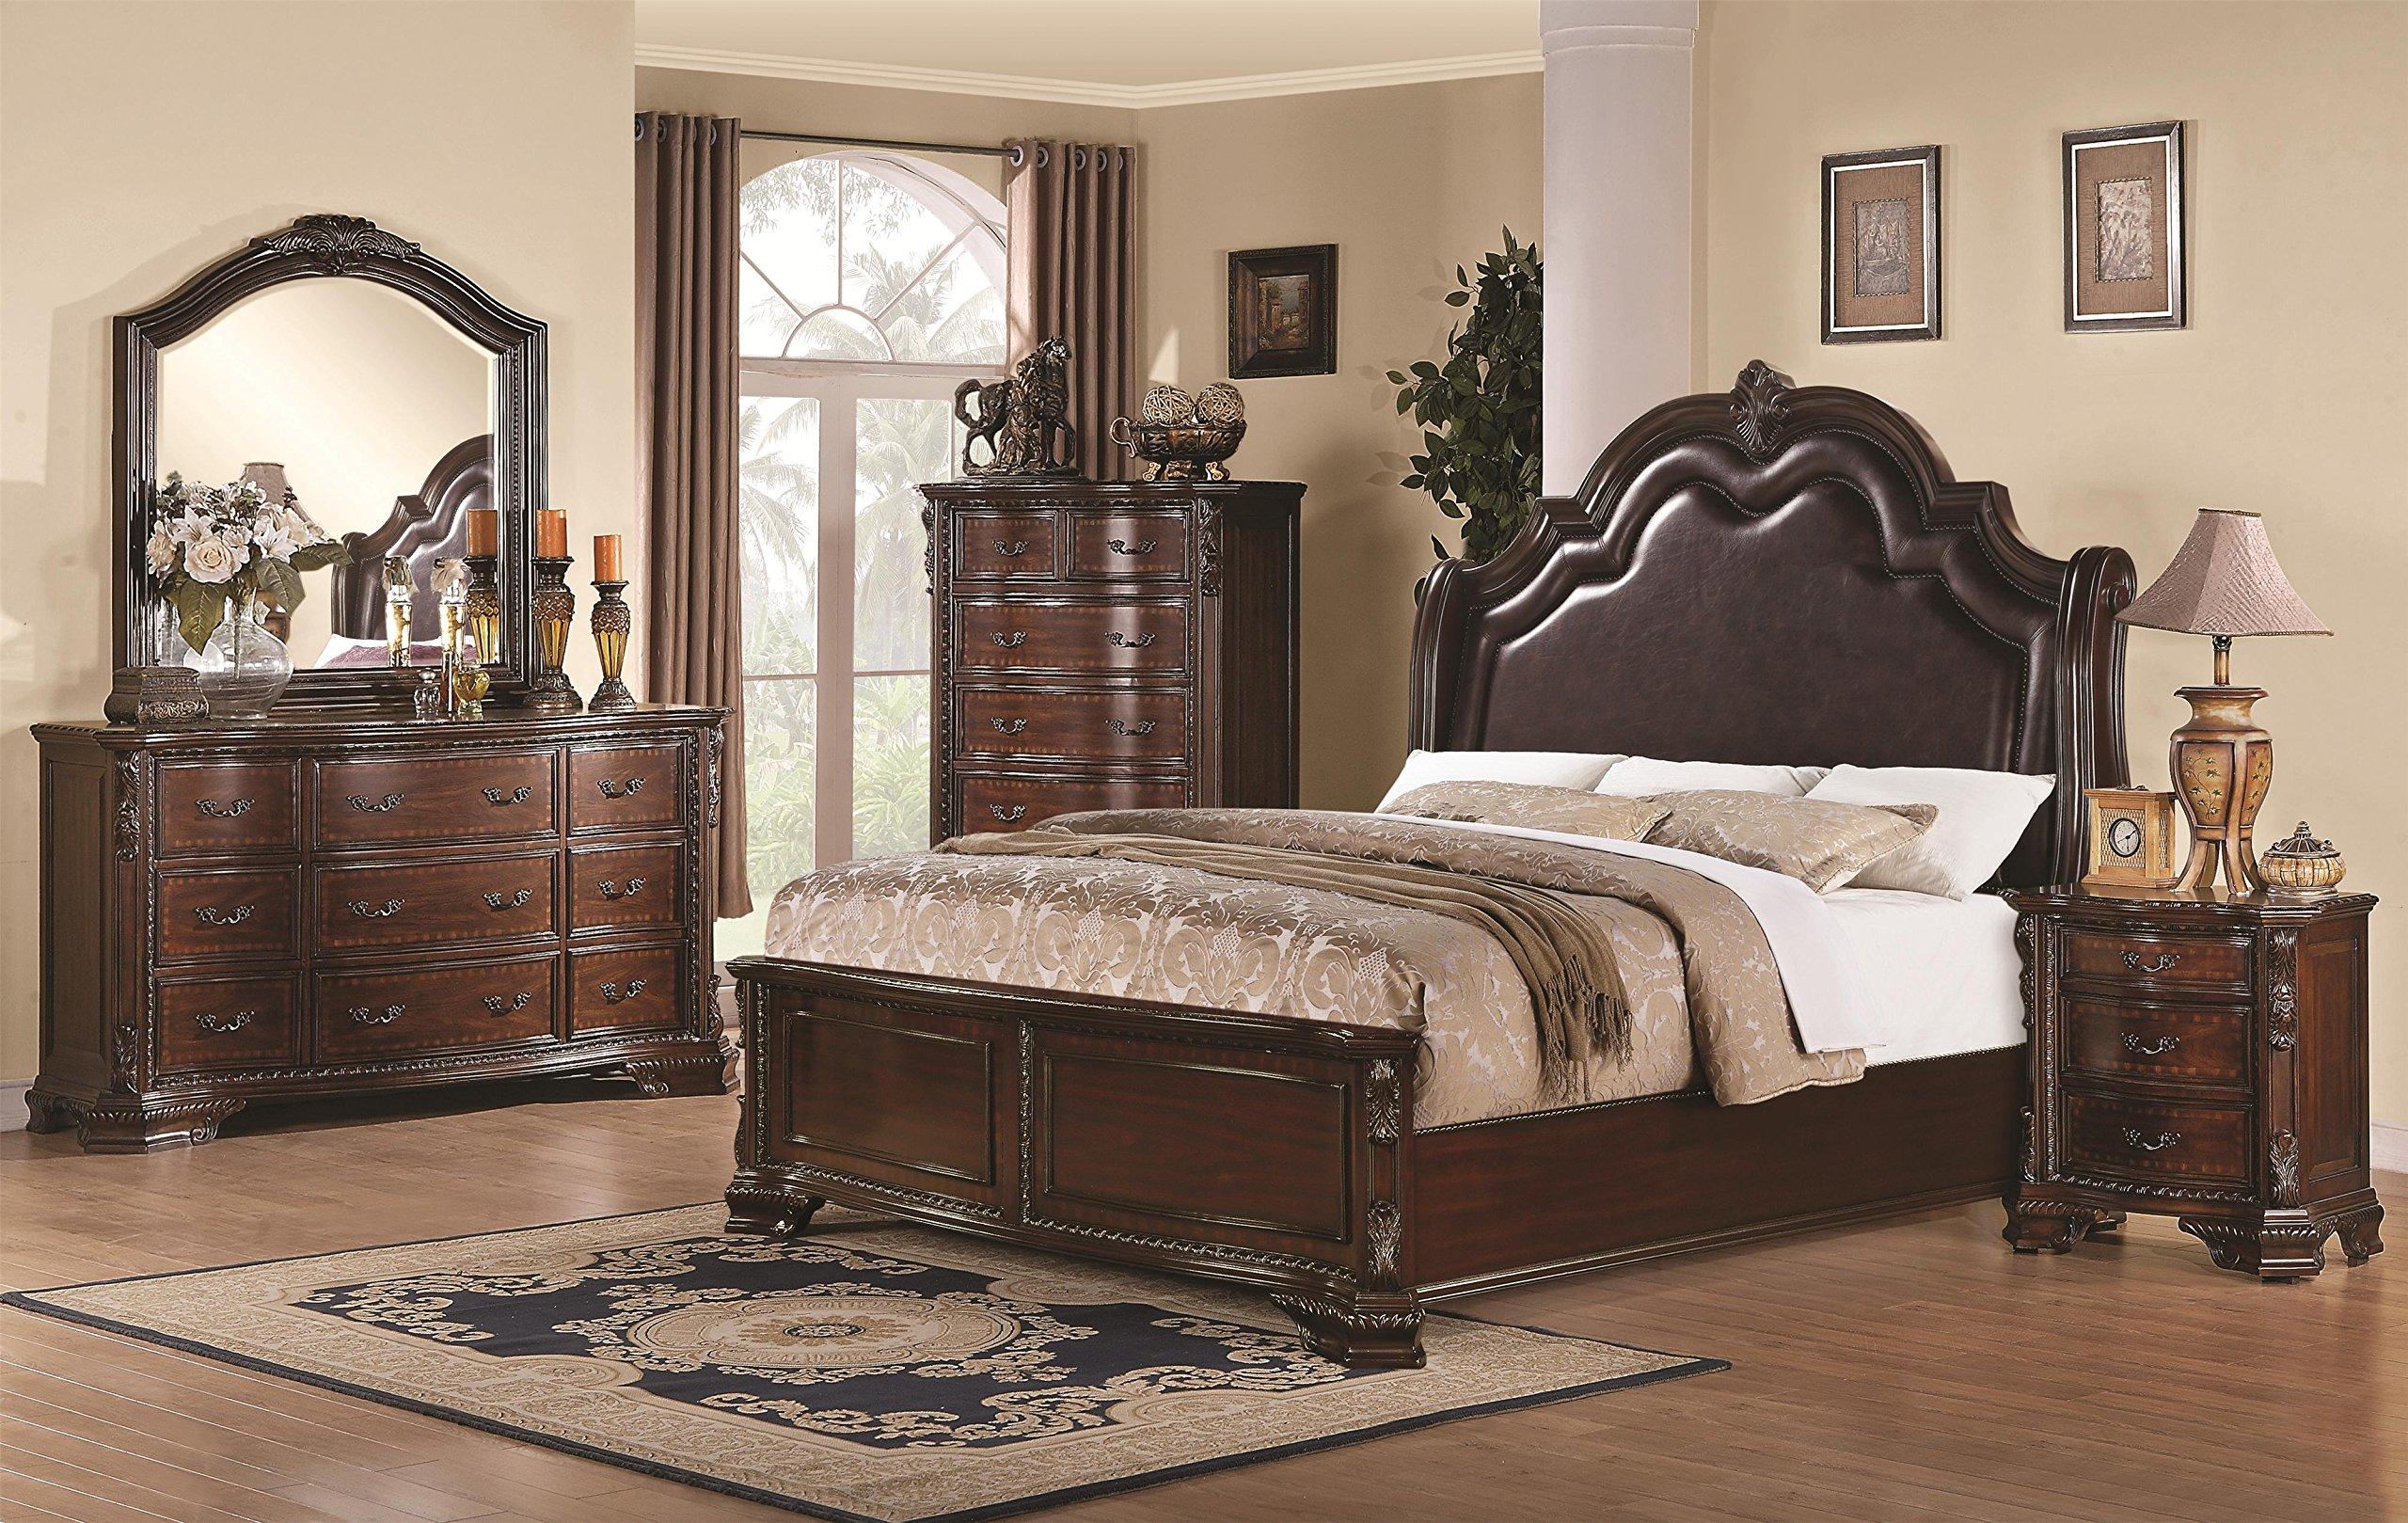 5 Pc Rachel King Bedroom Collection Bed, Dresser, Chest, Mirror, Nightstand